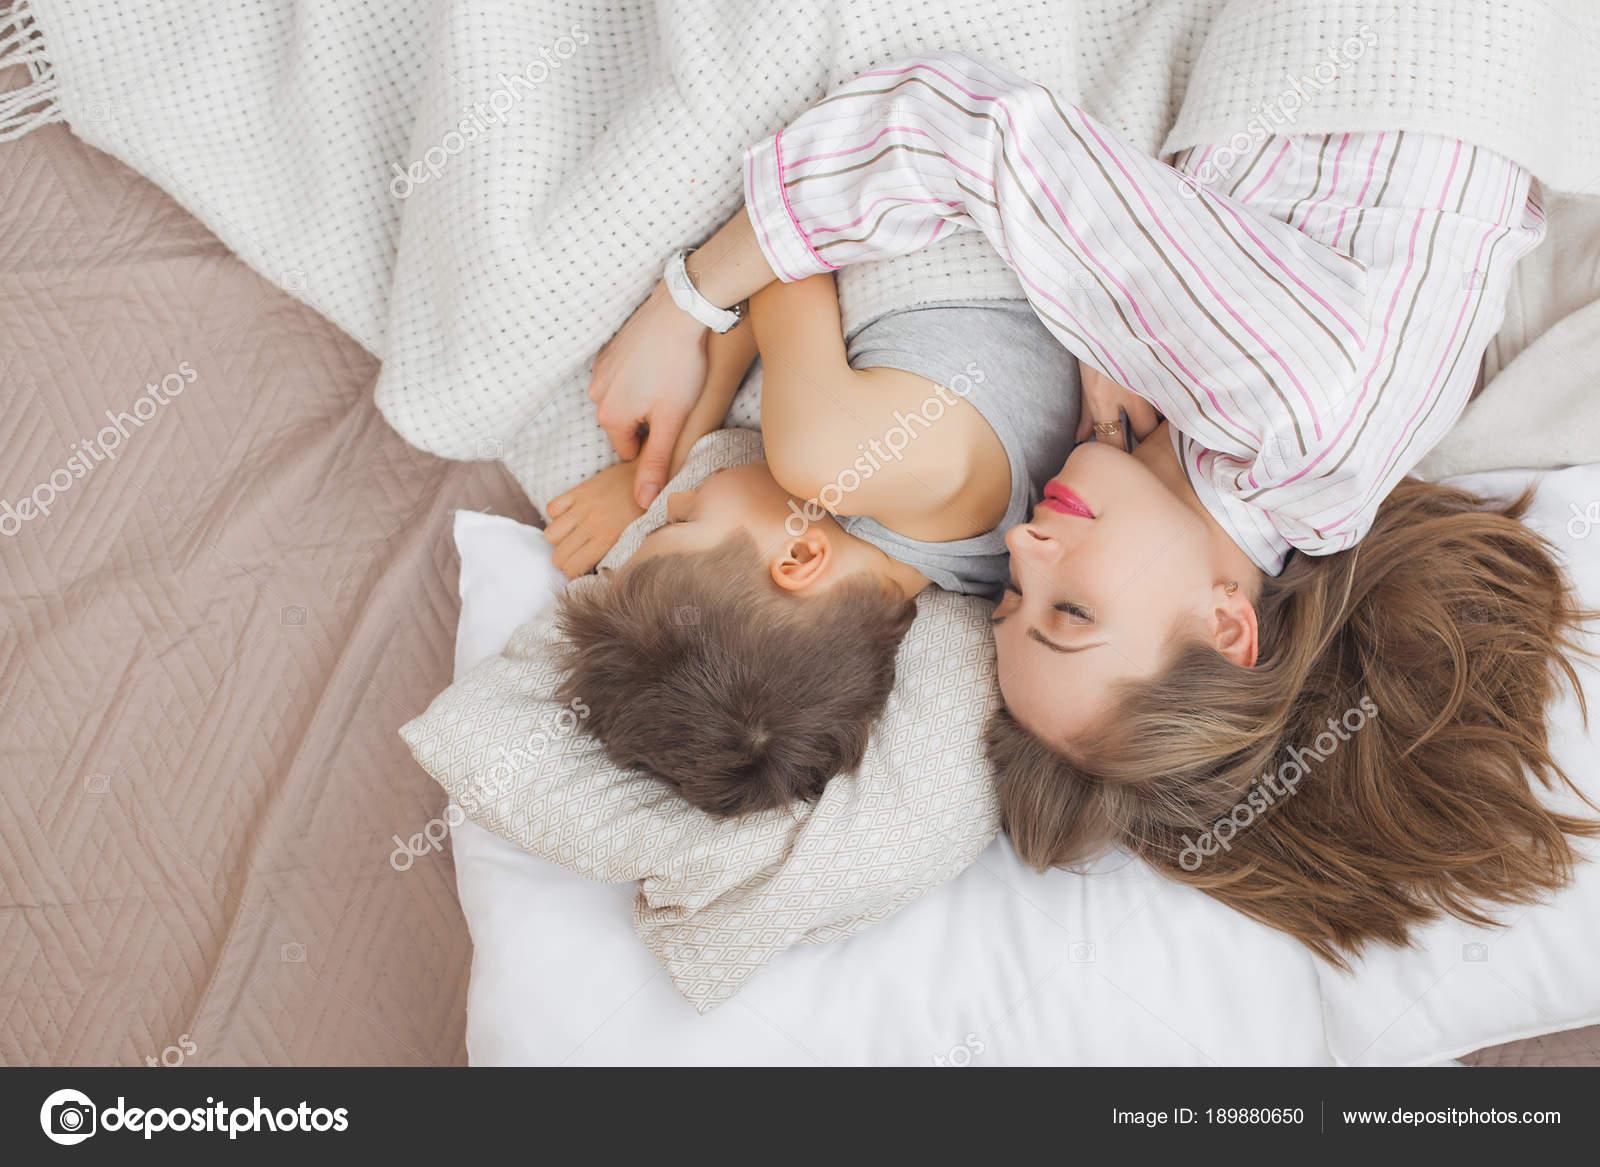 Сын трахнул спящую мать в рот, Похотливый сын поимел спящую маму в рот и пизду 17 фотография